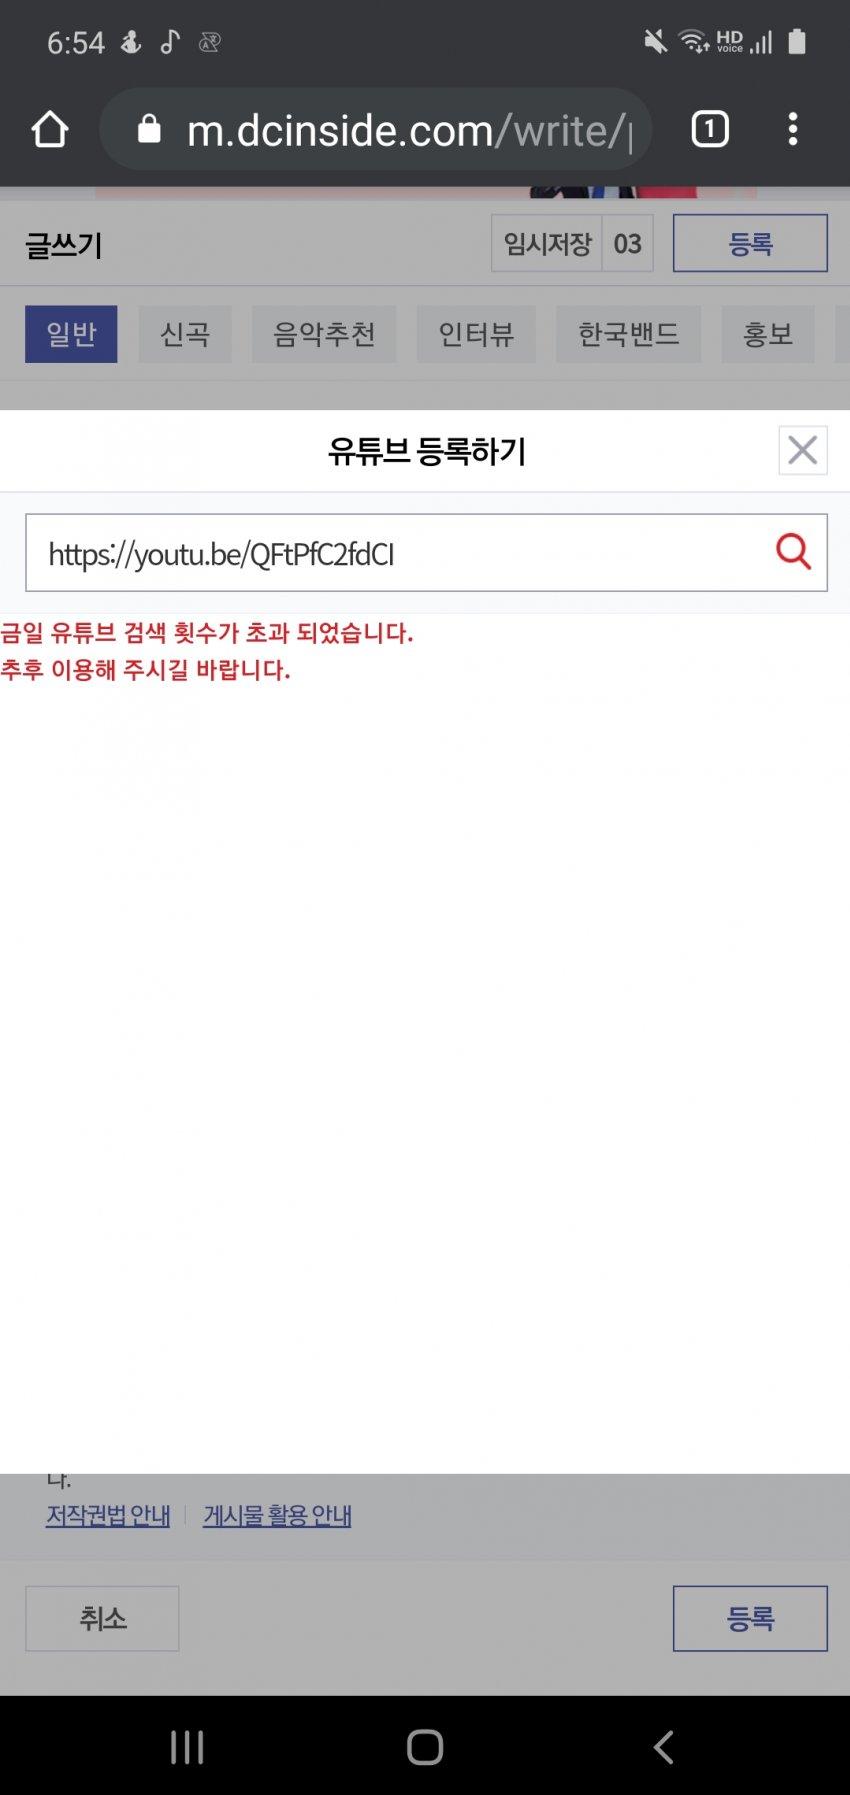 viewimage.php?no=24b0d769e1d32ca73dec86fa11d02831e11ed4e1ce518c3fae84bbe8609f8e5b4d52da0bd12d3b24a2336132df4b23c0f6d2899bba6836590a941792f268304936648823dfc99b53faa74869b4462296bc73ad5afa8aa27e660f64601b5b